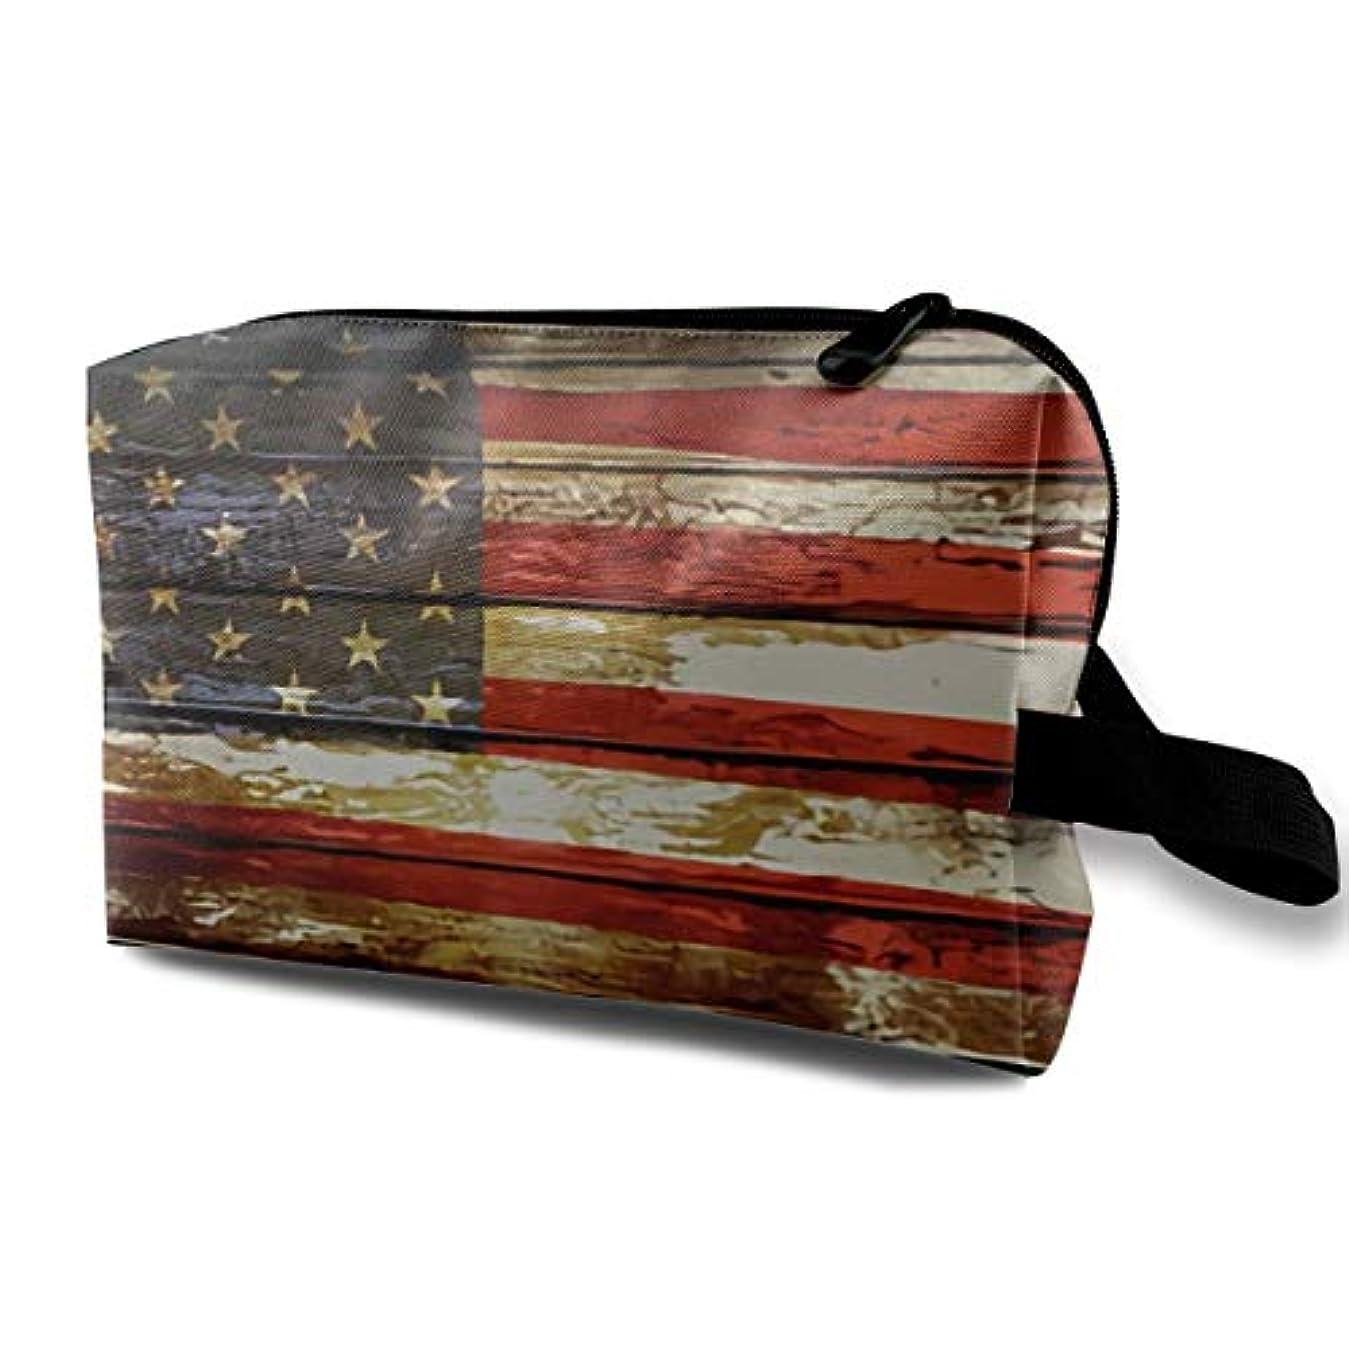 混乱揮発性ホースAmerican Flag 収納ポーチ 化粧ポーチ 大容量 軽量 耐久性 ハンドル付持ち運び便利。入れ 自宅?出張?旅行?アウトドア撮影などに対応。メンズ レディース トラベルグッズ